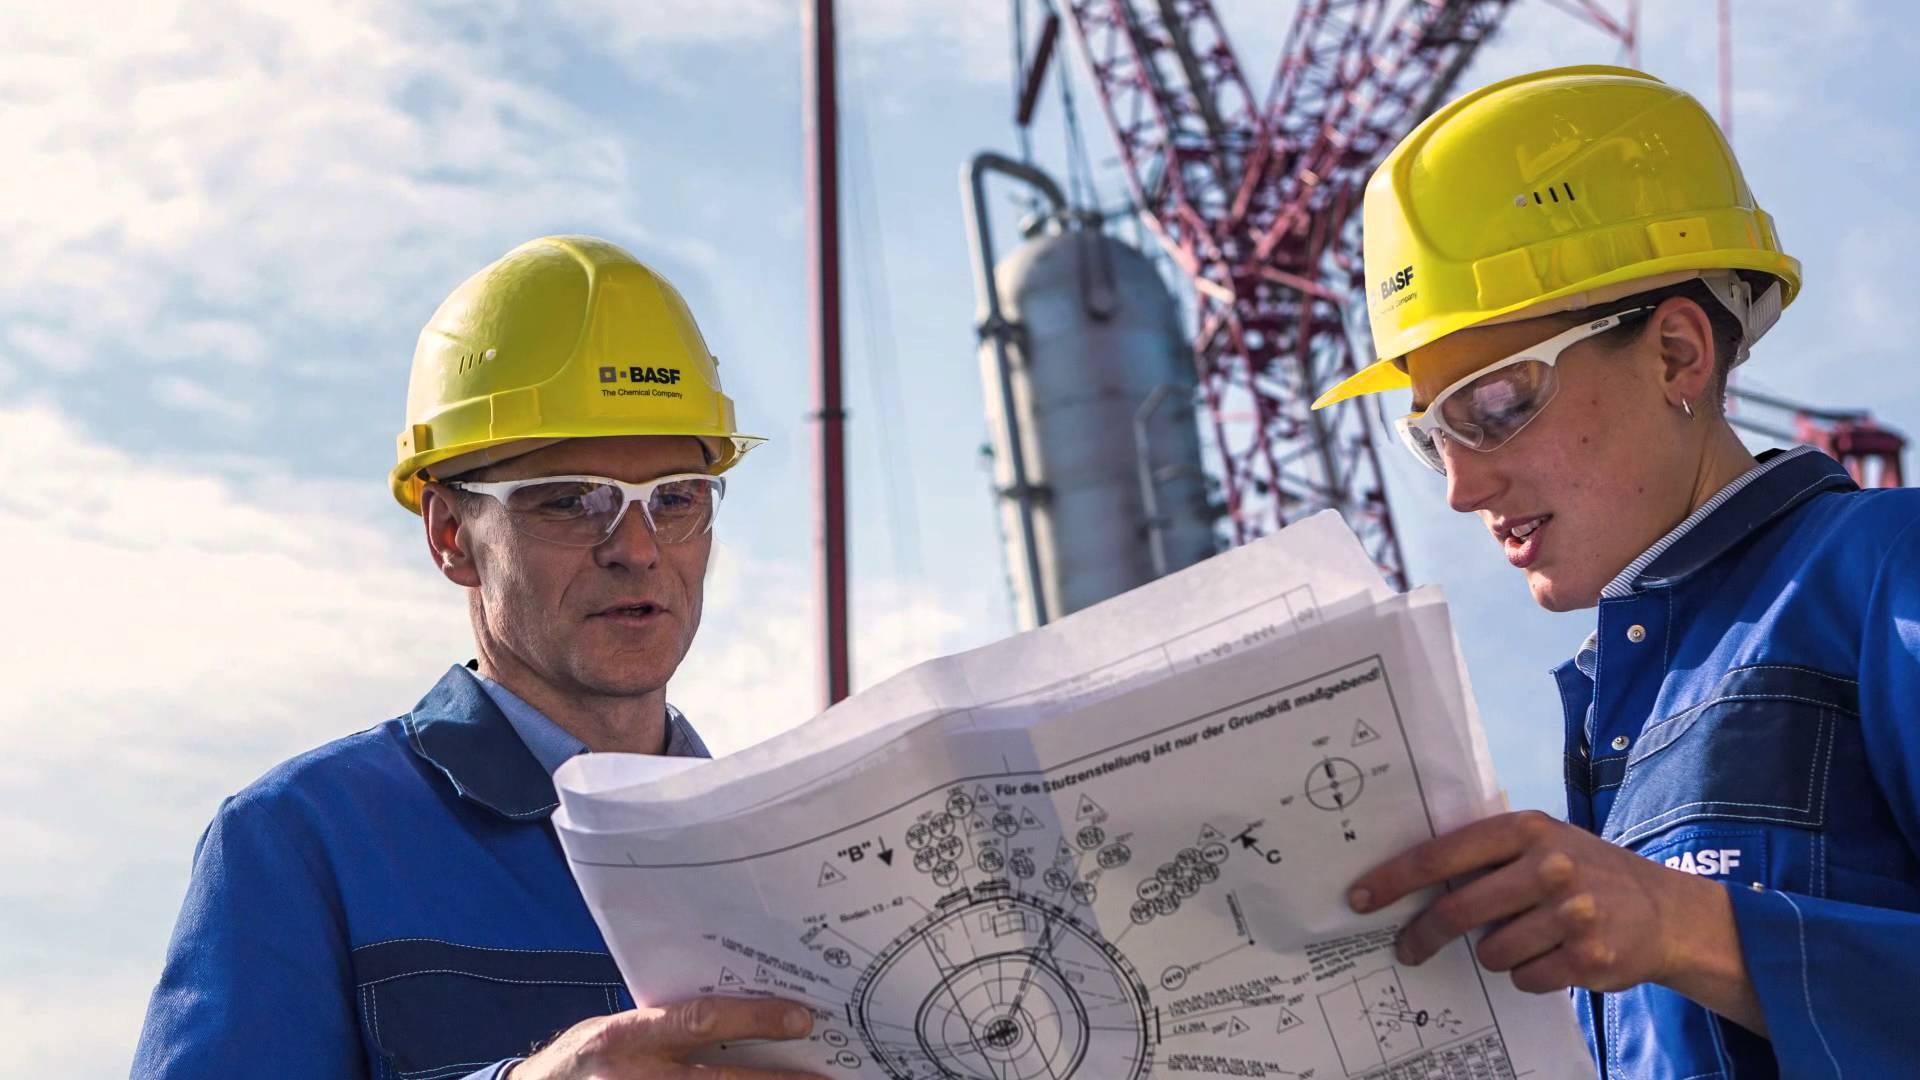 Mercado de trabalho: cresce a demanda por engenheiros como freelancer